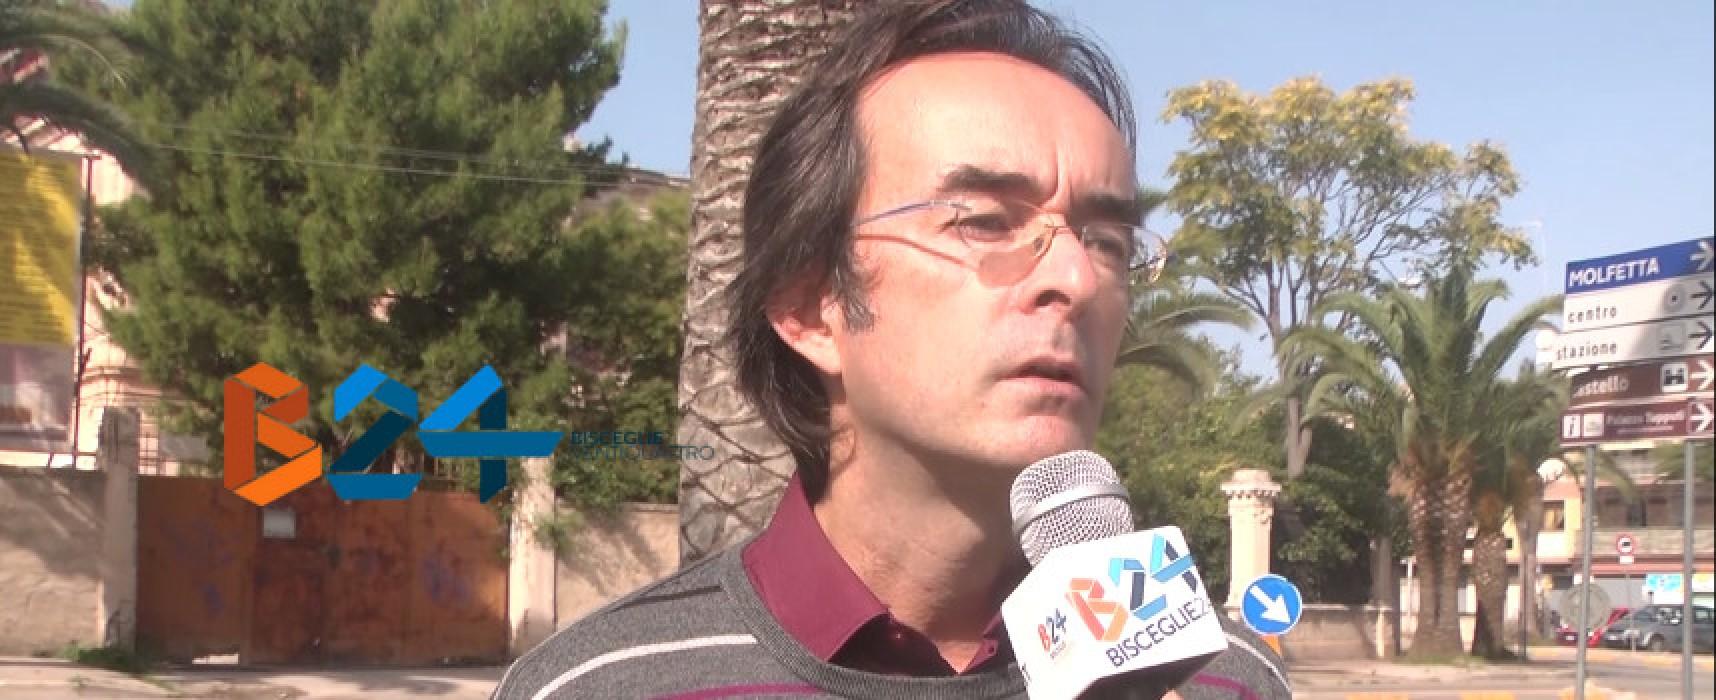 """Punteruolo rosso, l'appello di Mauro Sasso: """"Serve un piano di gestione del verde"""" / VIDEO"""